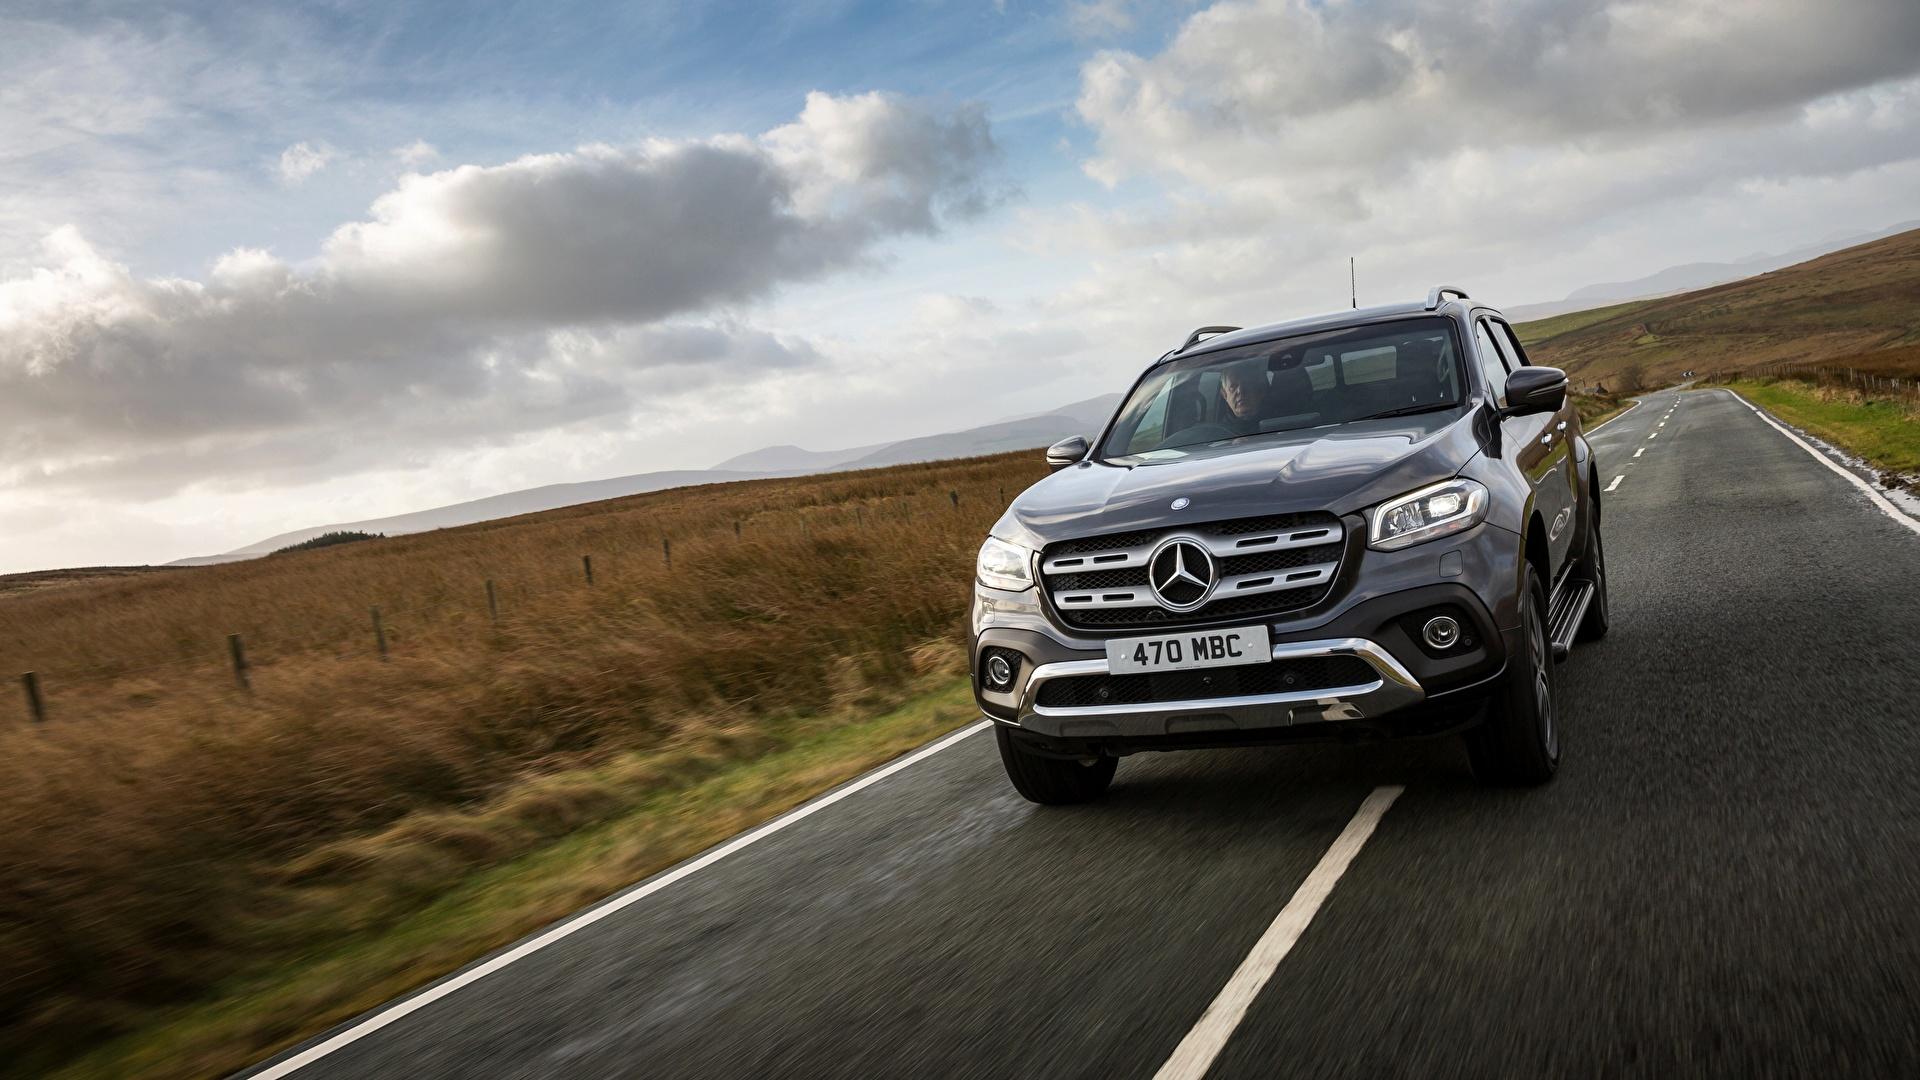 Обои для рабочего стола Mercedes-Benz UK-version 2017 X-Class Пикап кузов скорость авто 1920x1080 Мерседес бенц едет едущий едущая Движение машина машины Автомобили автомобиль